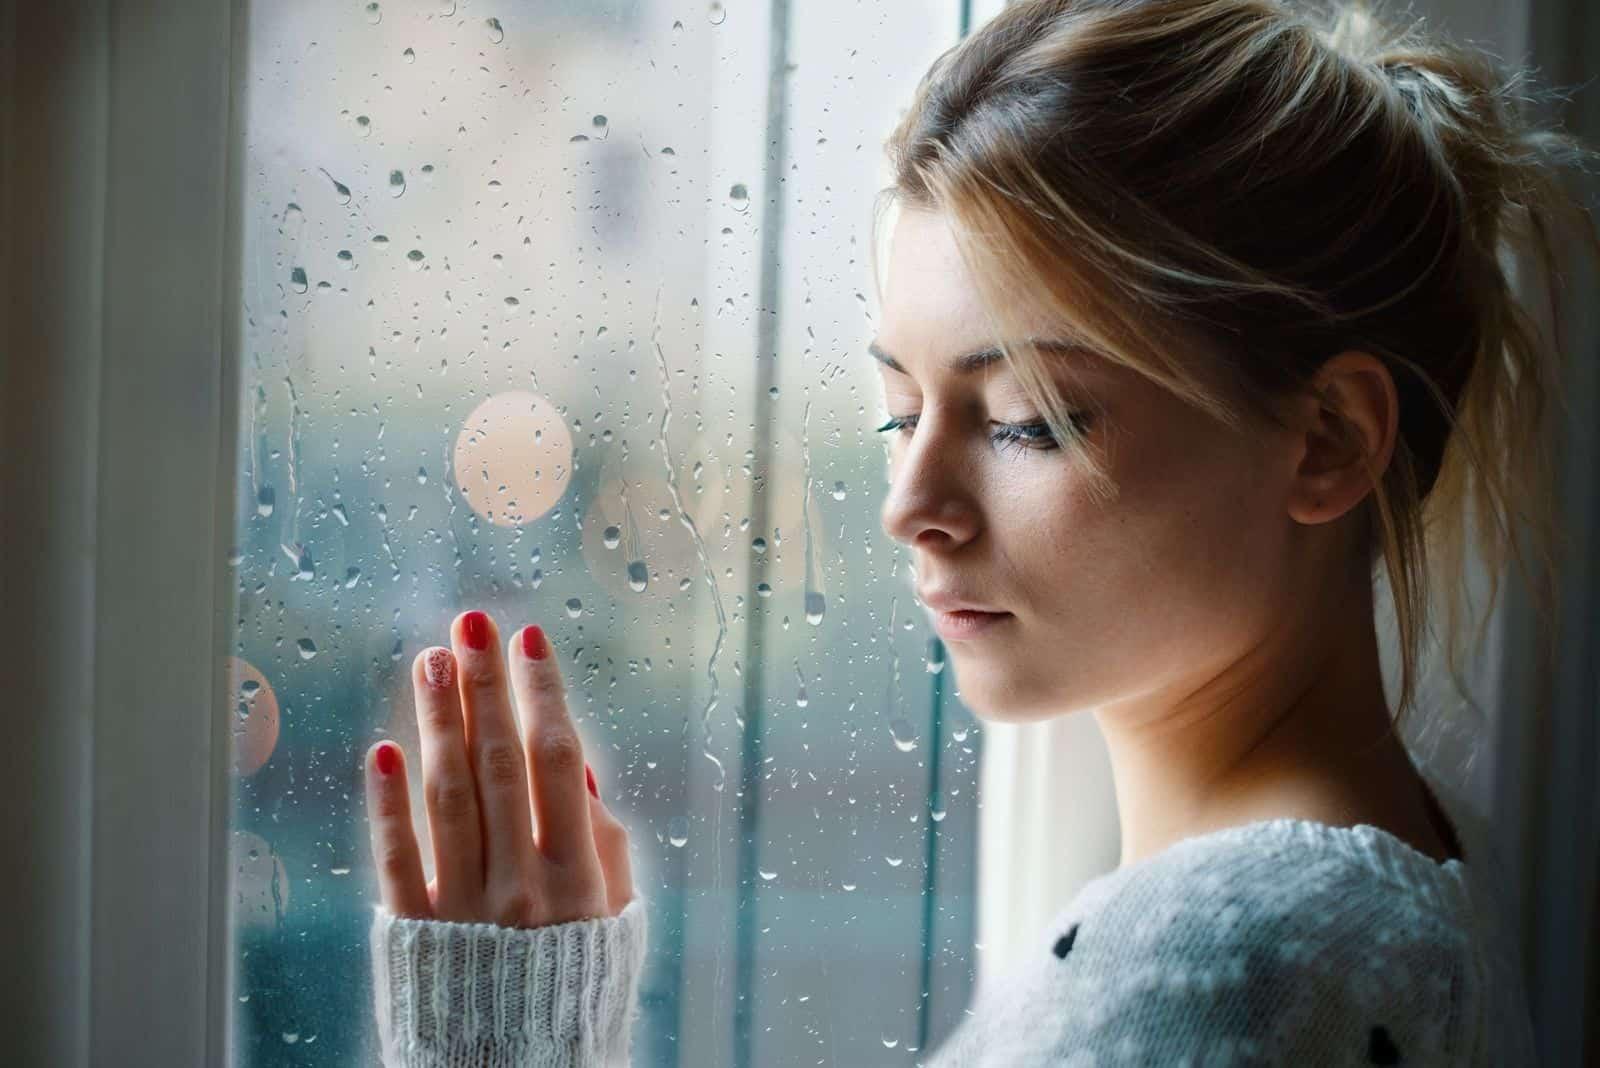 junge traurige frau mit Regentropfen vor den Fenstern